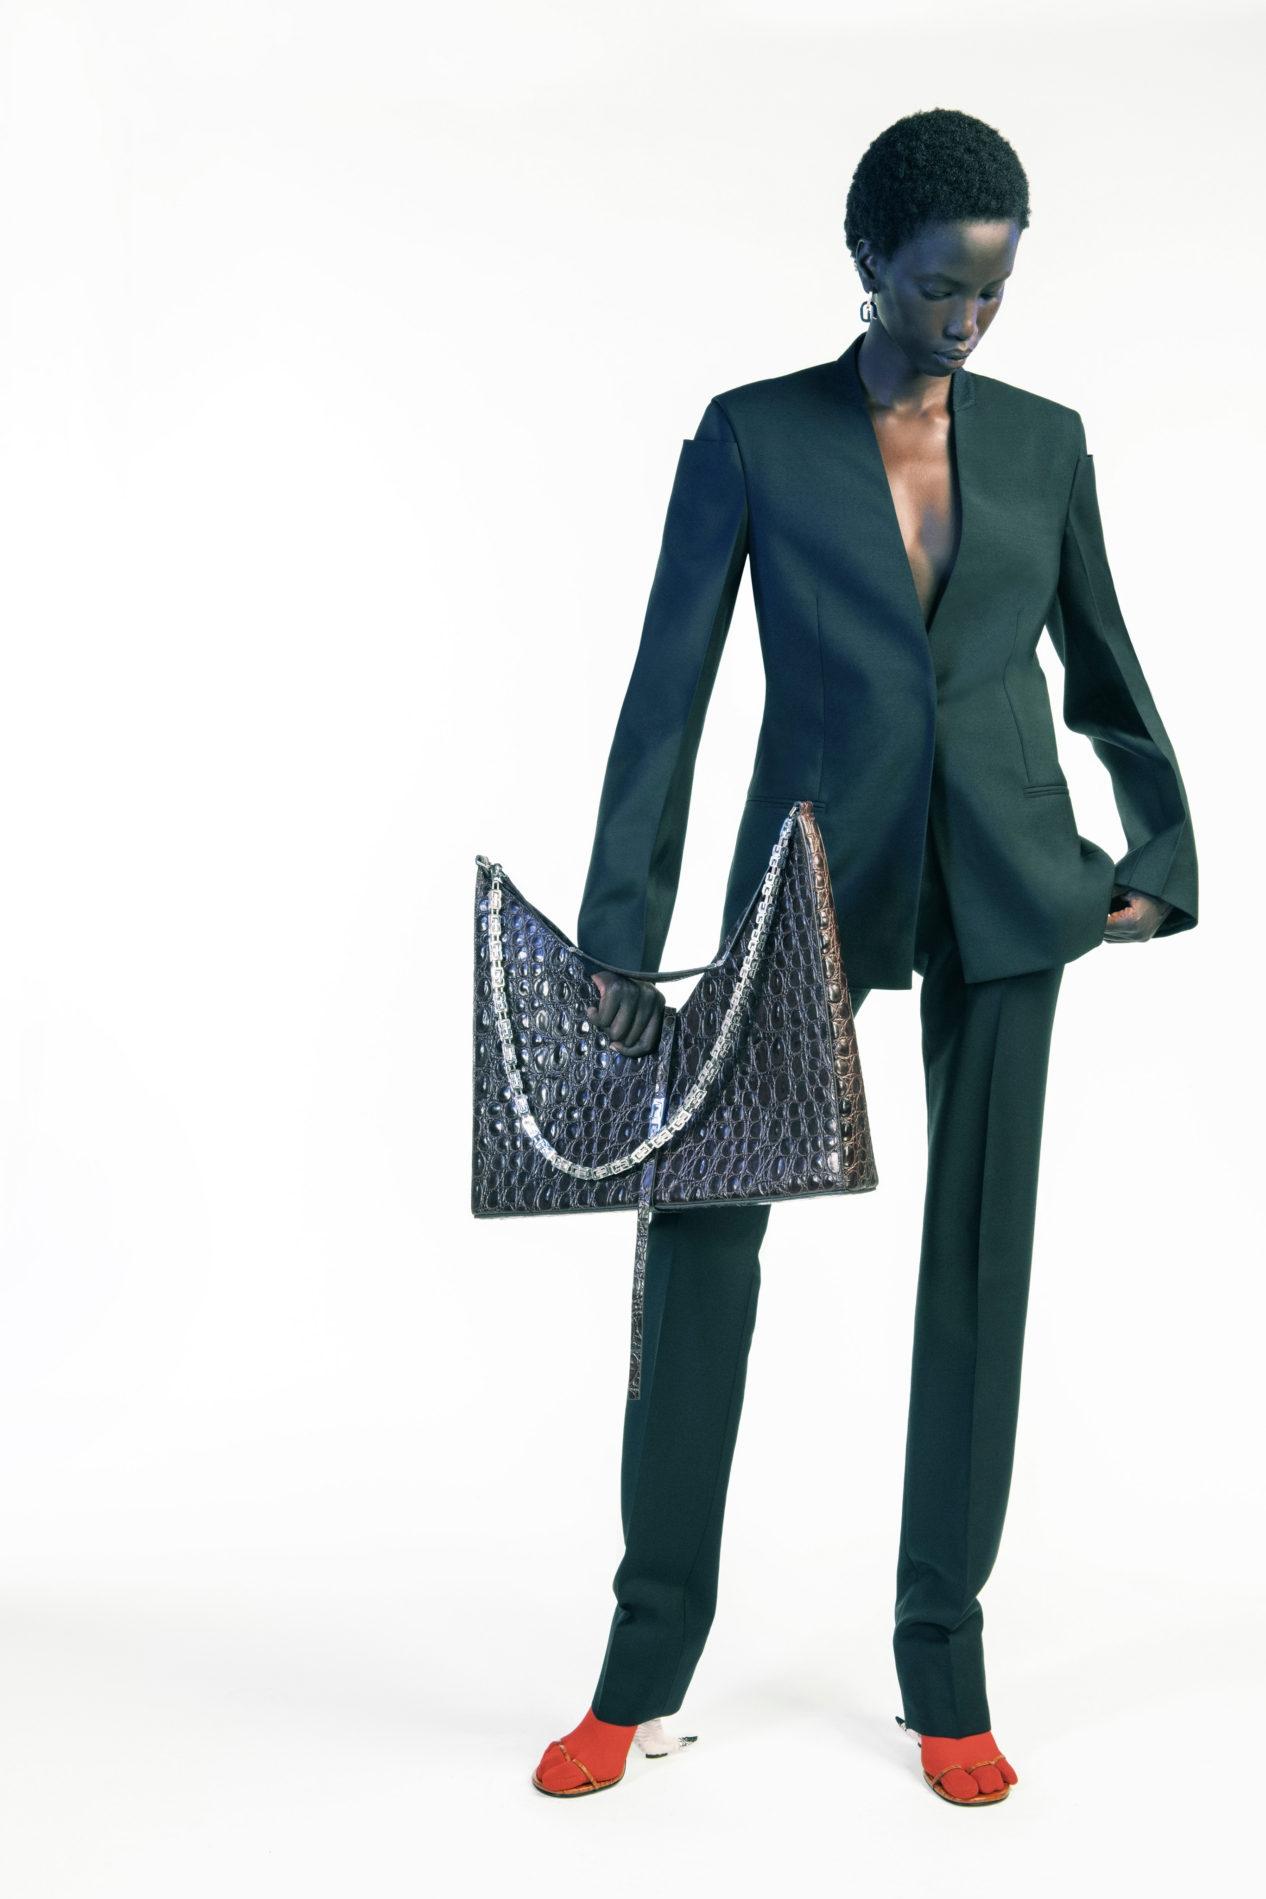 Дебют Мэтью Уильямса и пример безупречного стиля. Почему все обсуждают новую коллекцию Givenchy (ФОТО) - фото №8